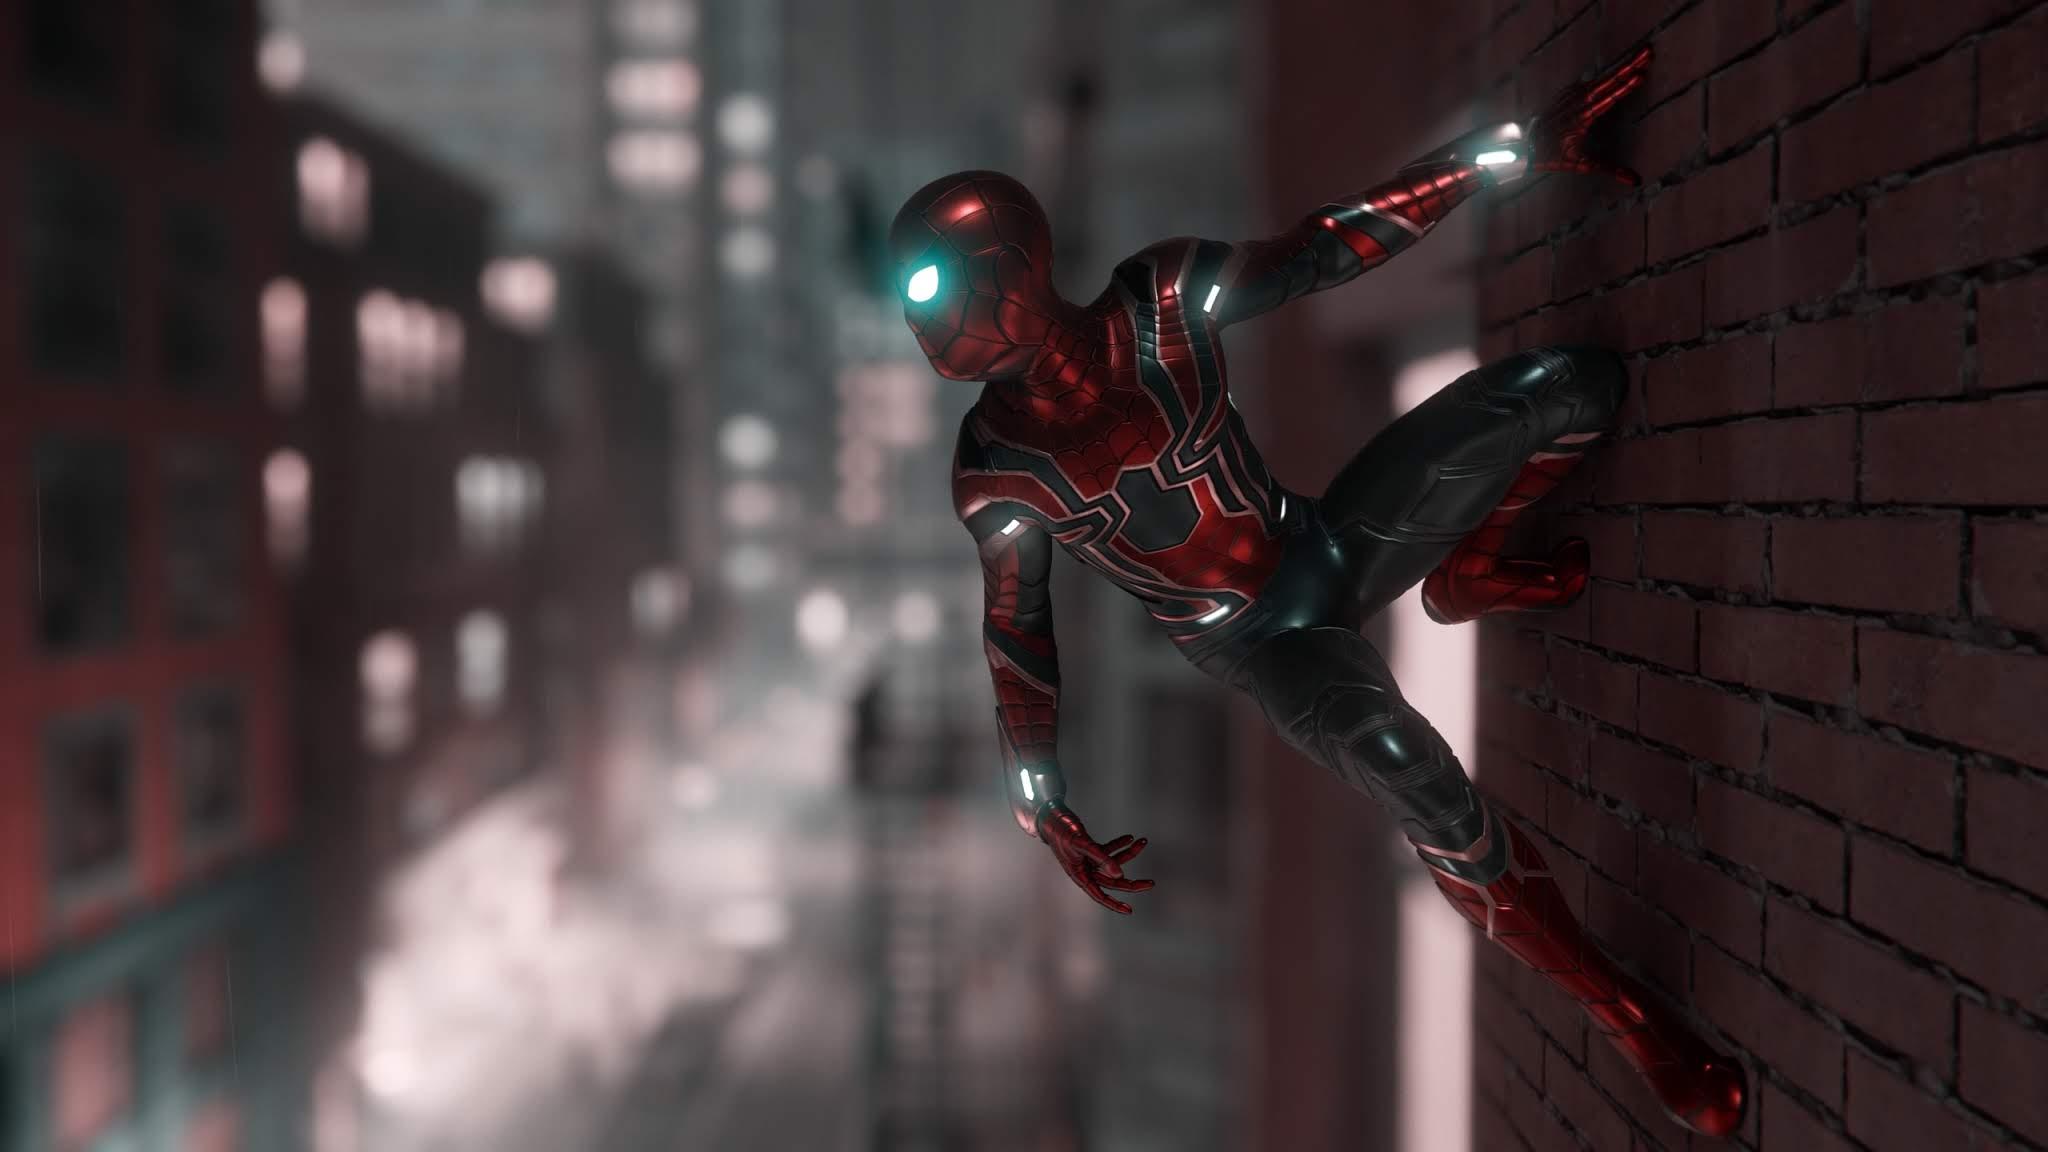 Marvel Spiderman Ps4 Wallpaper